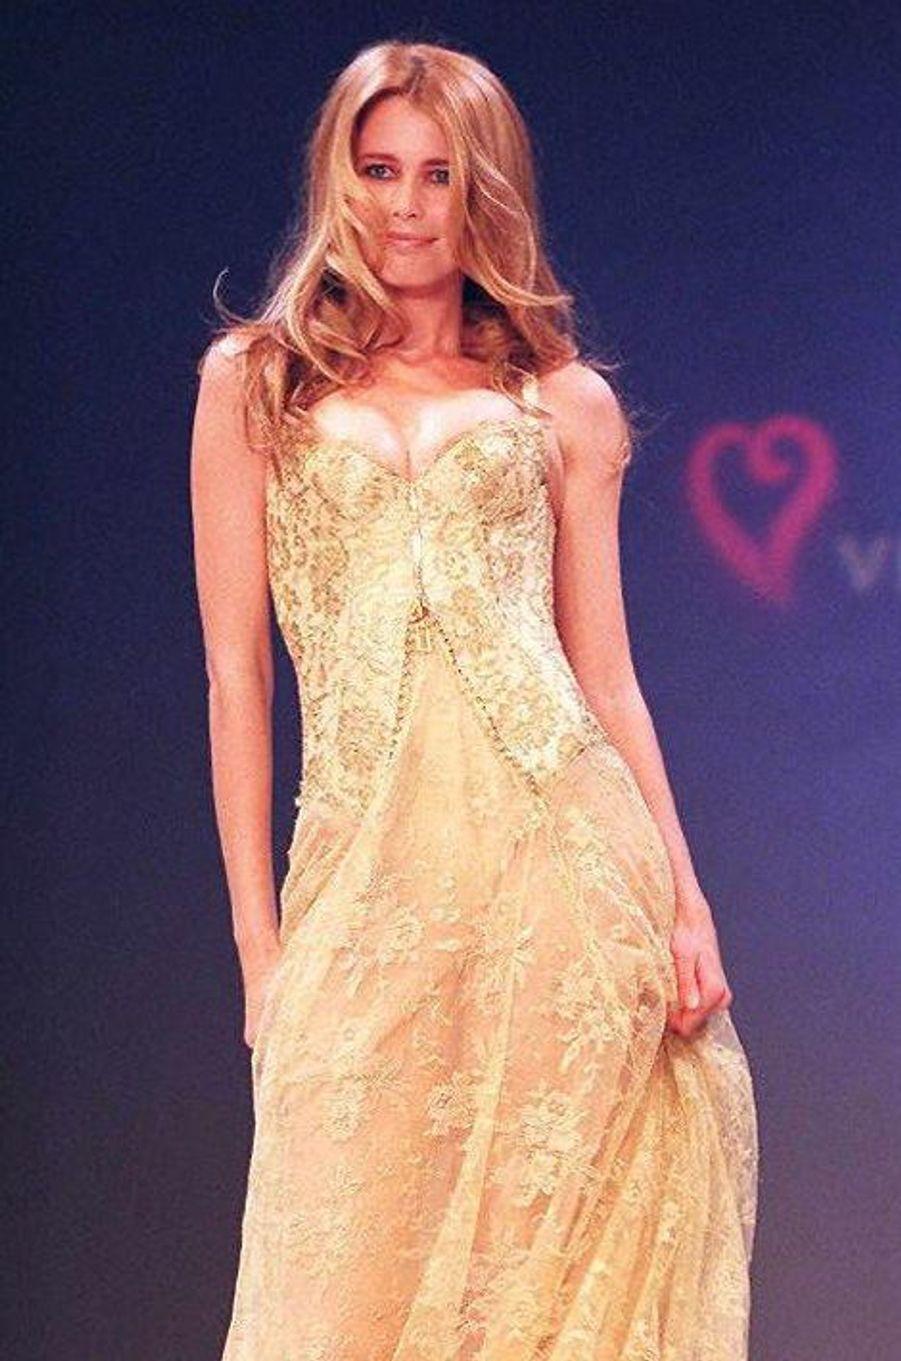 Le défilé de la marque Victoria's Secret en 1997 à New York (Claudia Schiffer).